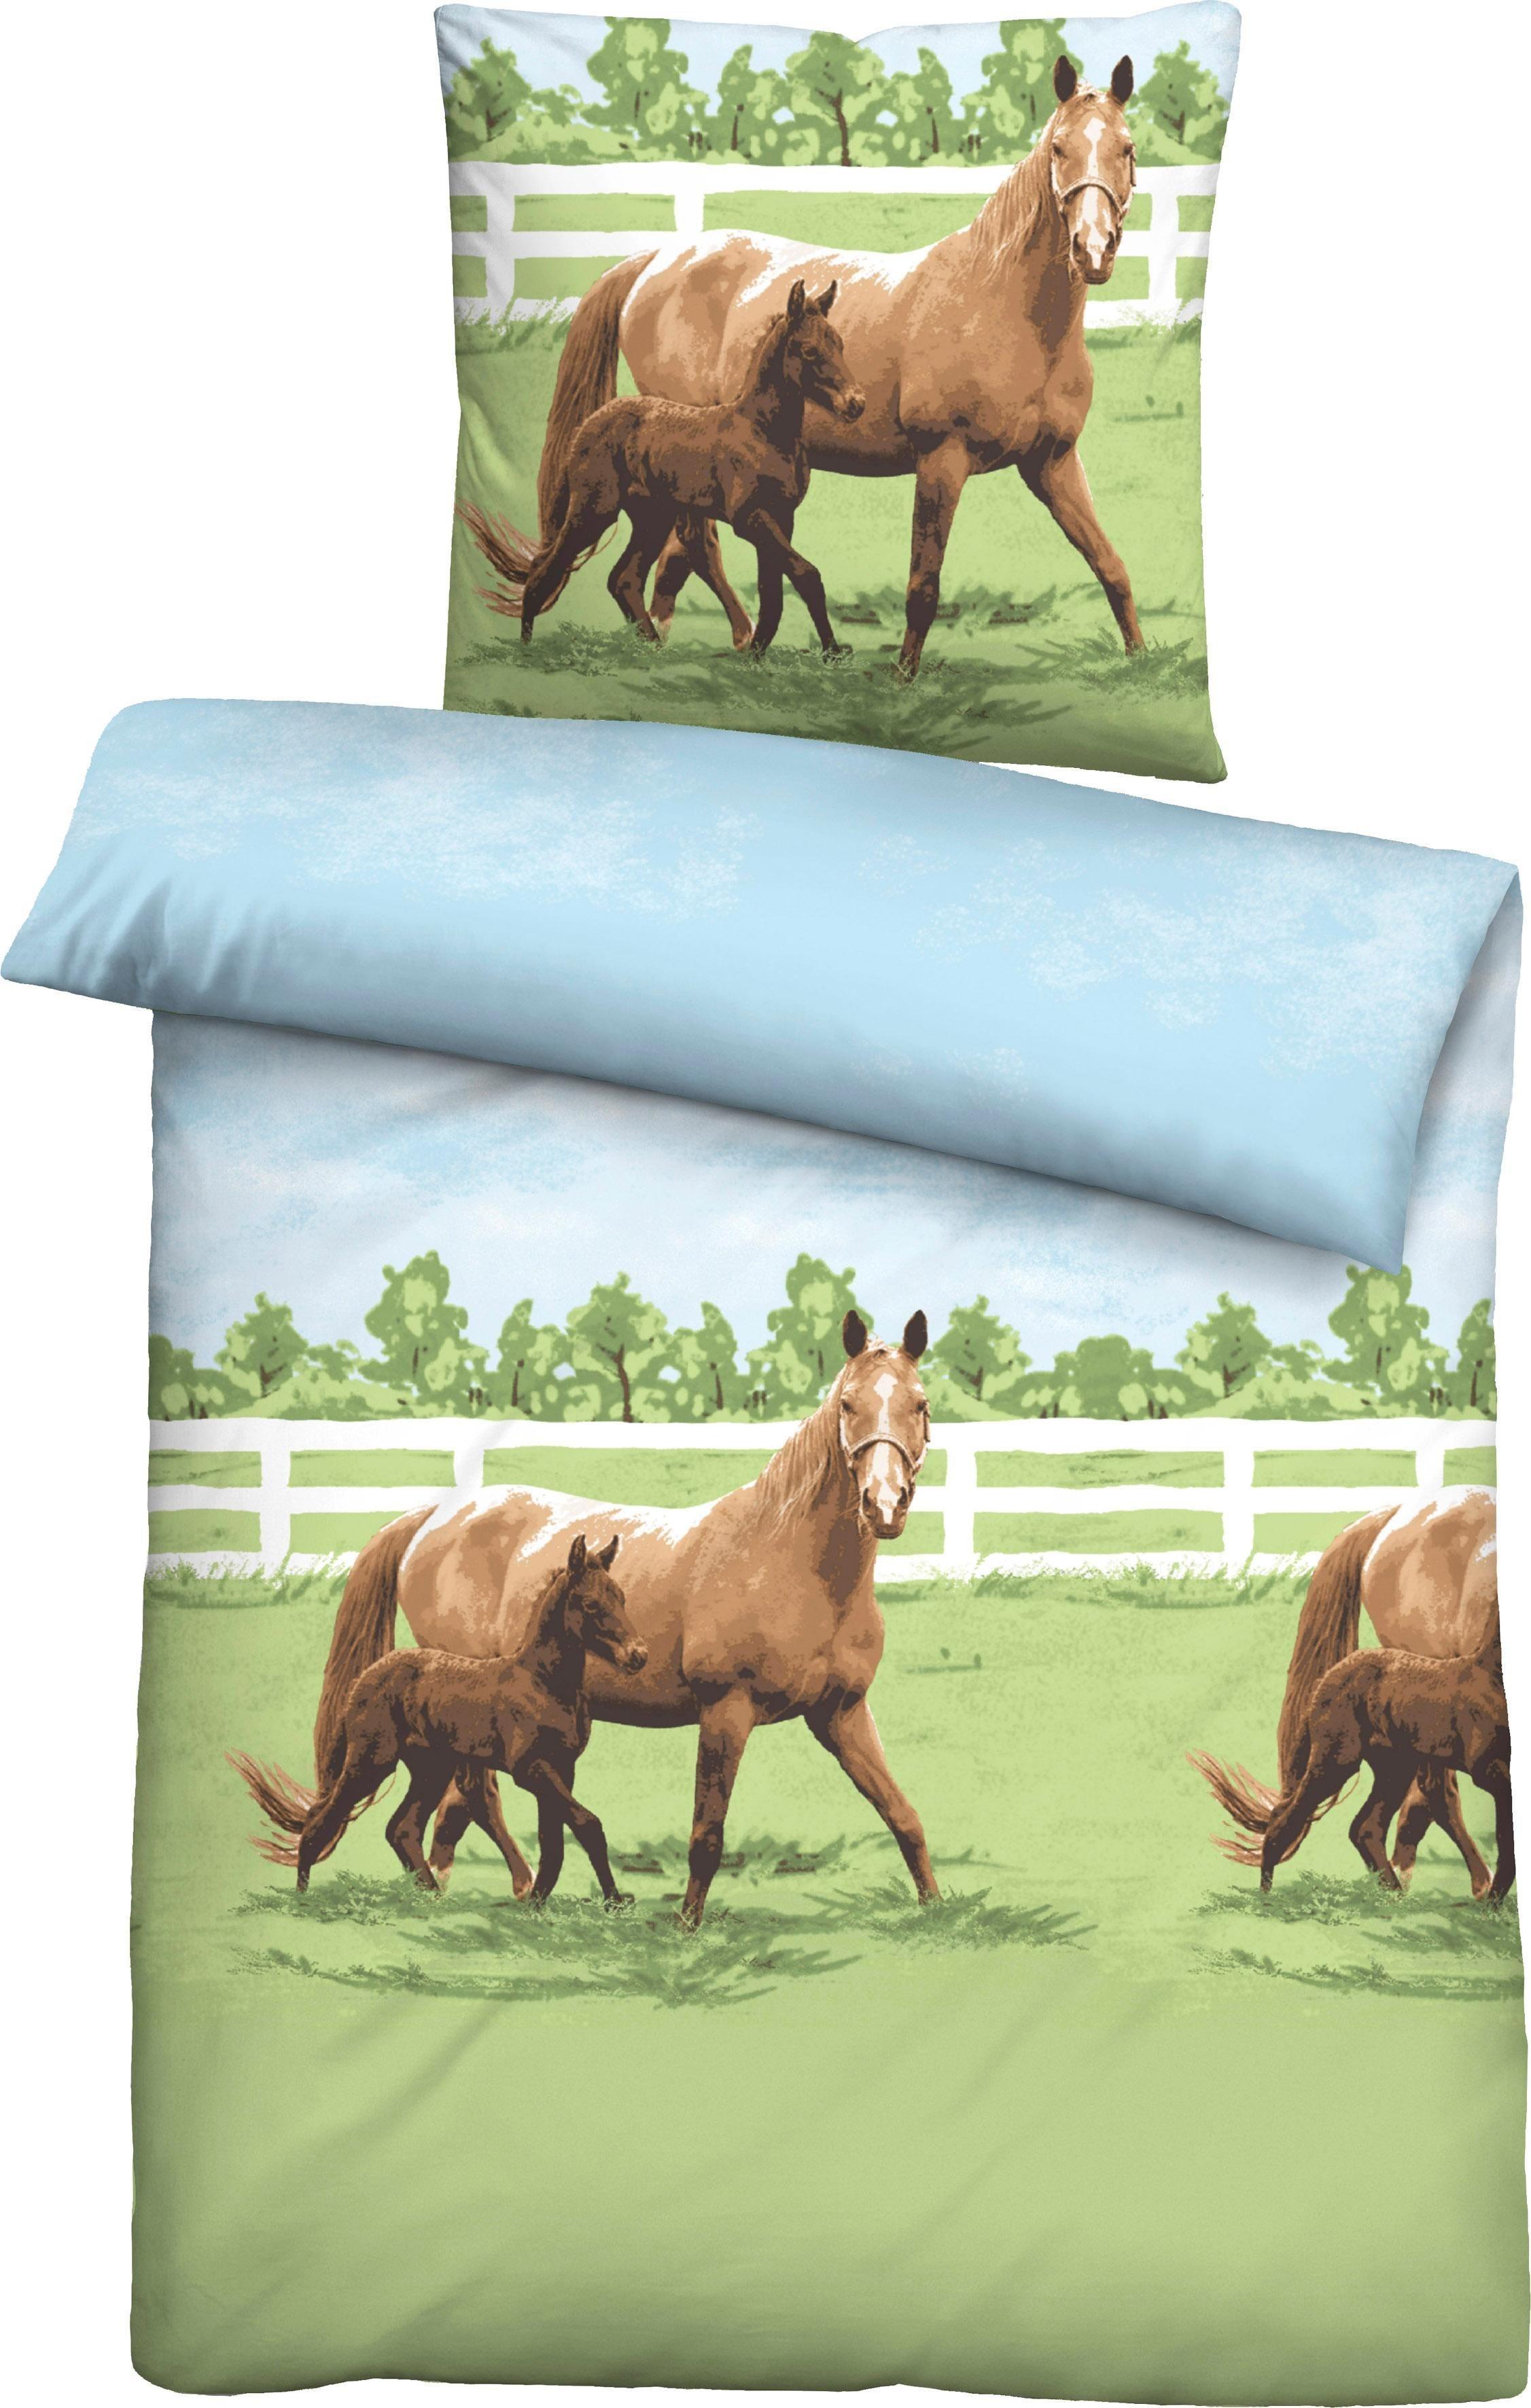 Jugendbettwäsche »Femke«, , mit Pferden